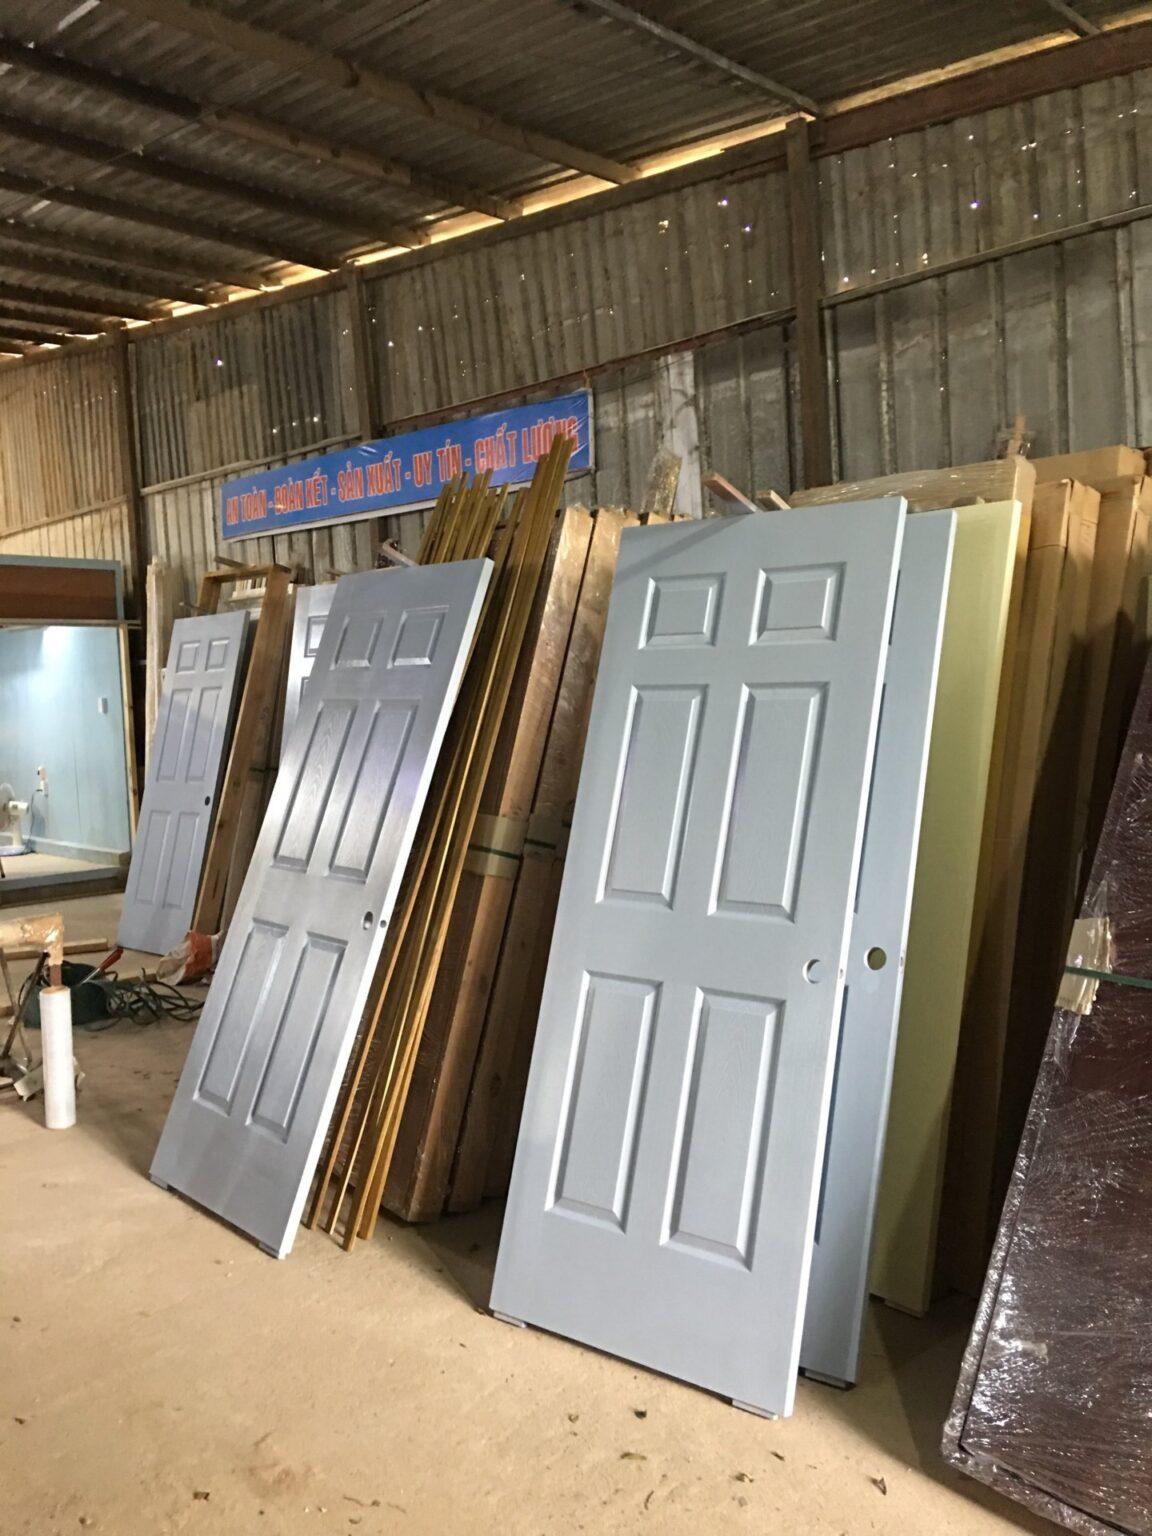 mua cửa gỗ công nghiệp tại nha trang